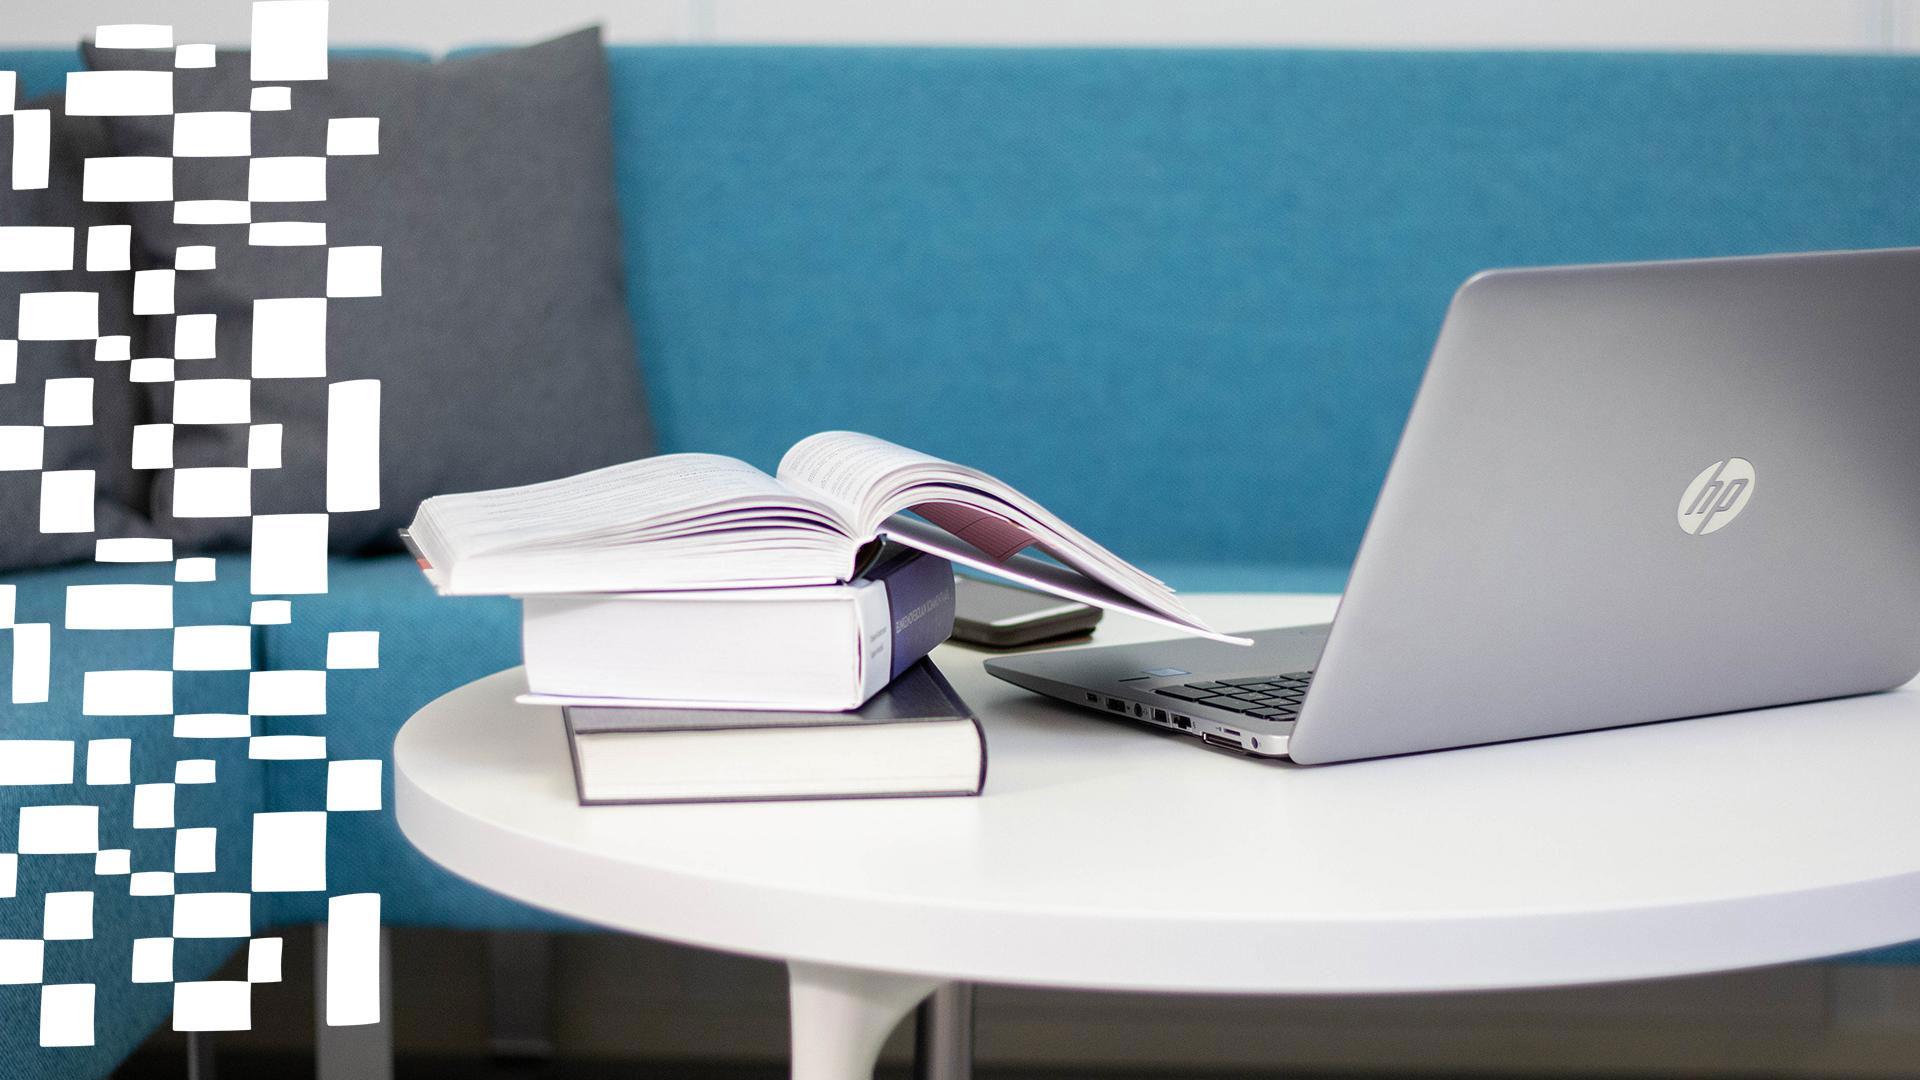 Tietokone ja kirjallisuutta pöydällä.